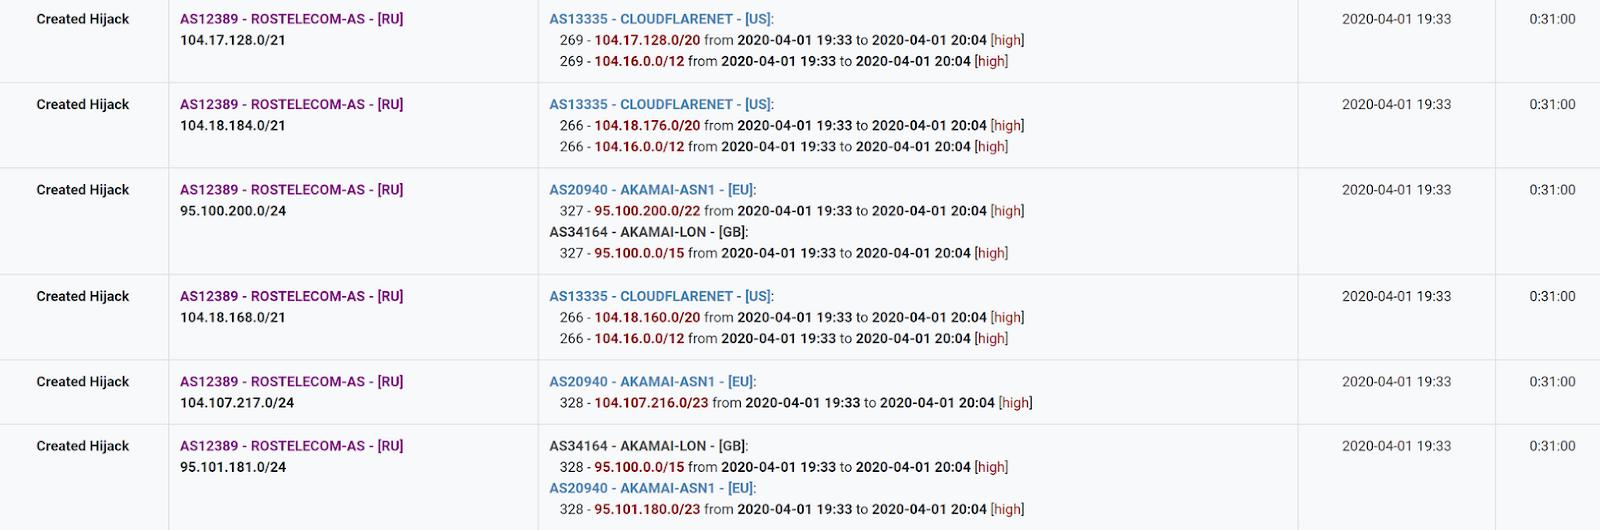 01/04/2020 Операторы Tier-1 задеты аномалией